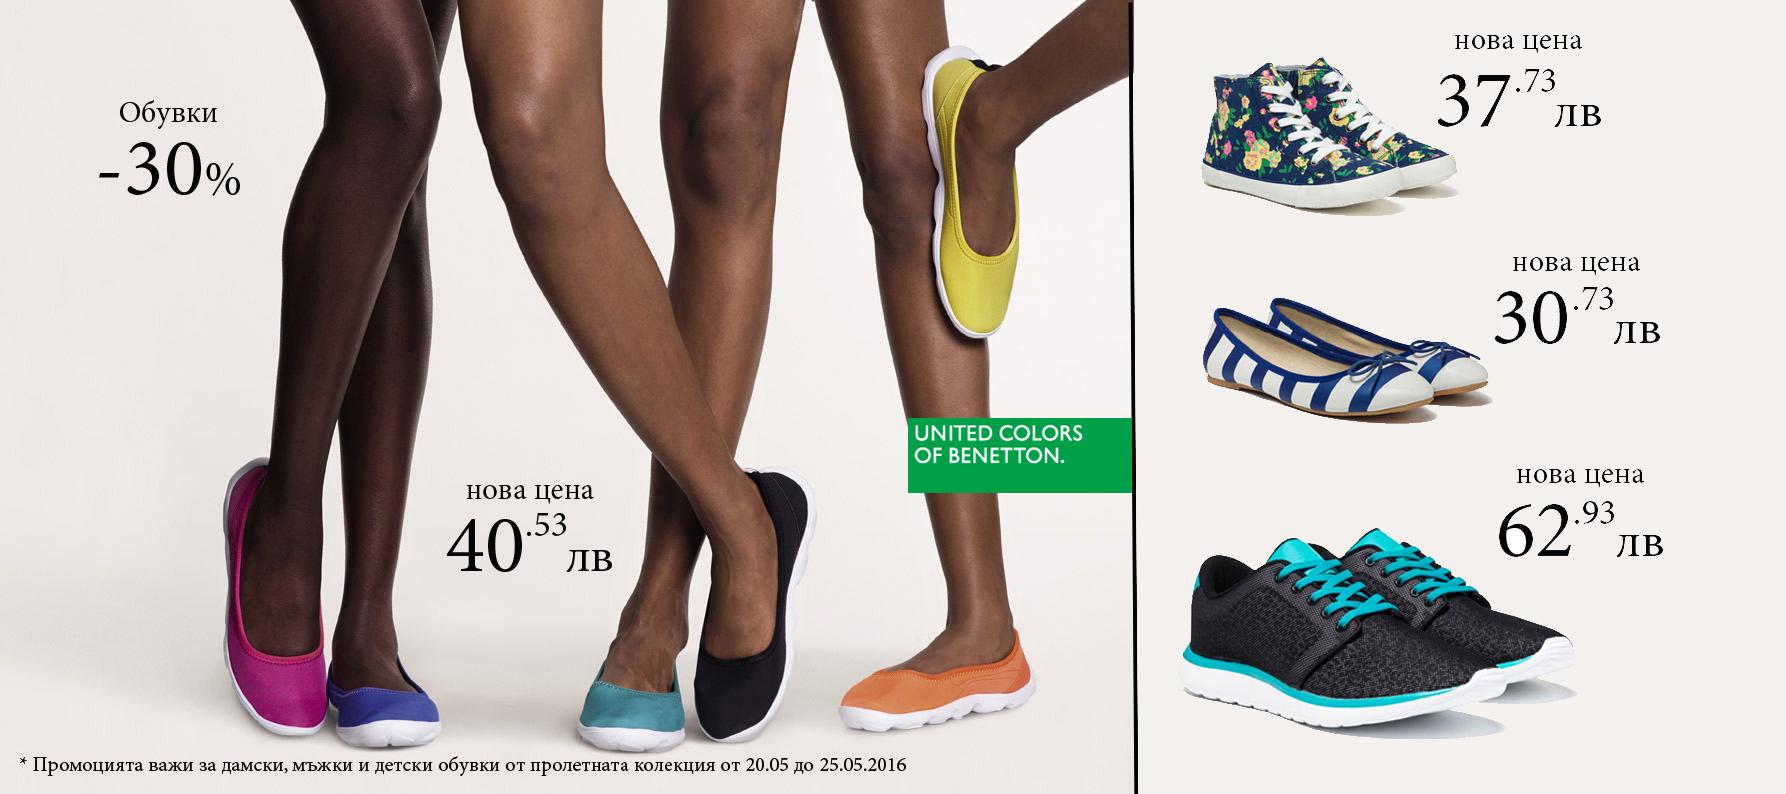 Промоция на обувки от BENETTON!